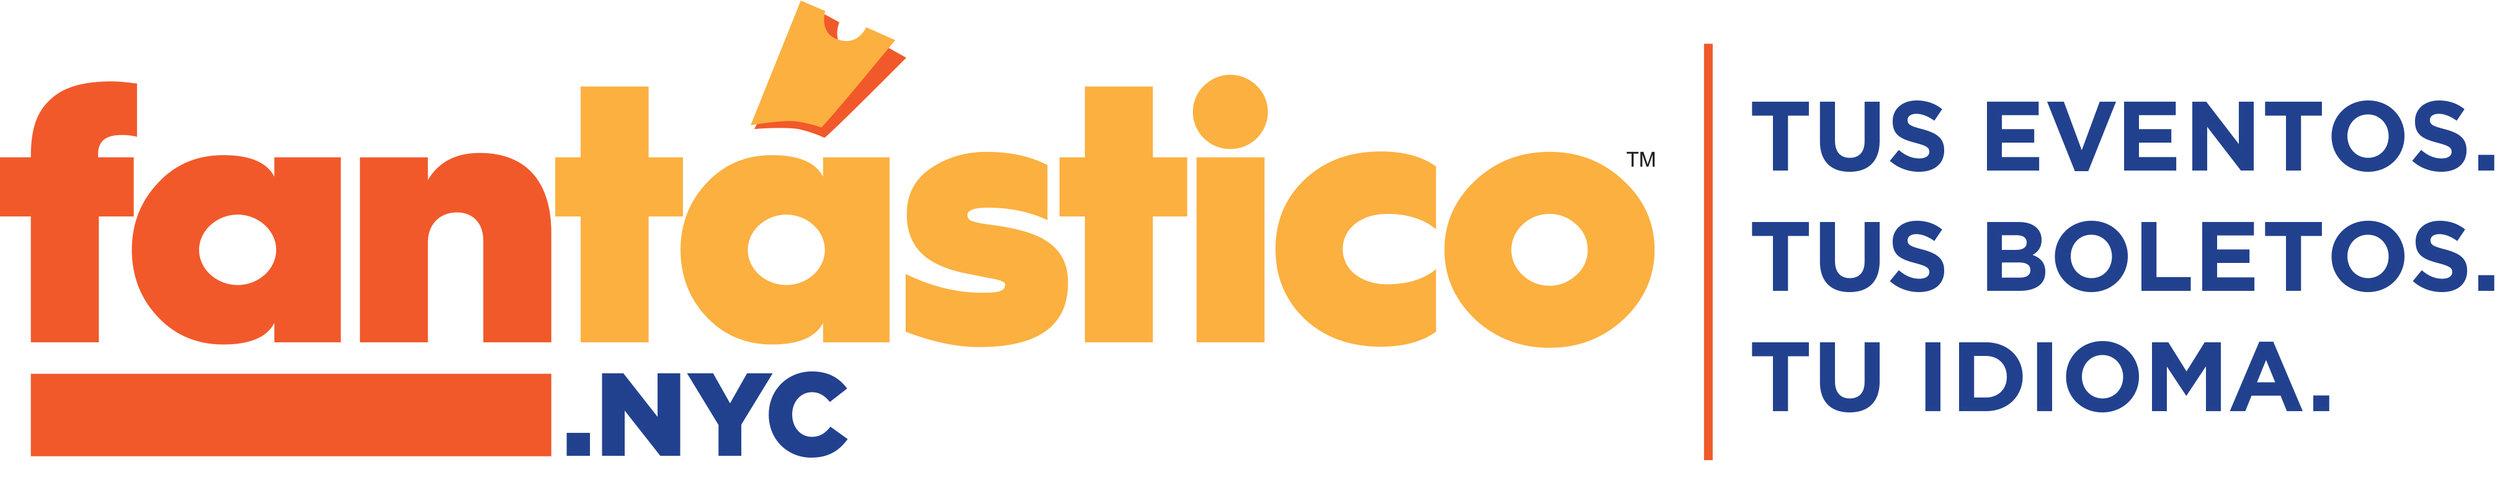 Fantastico_logo_with_tagline_TM_2.jpg